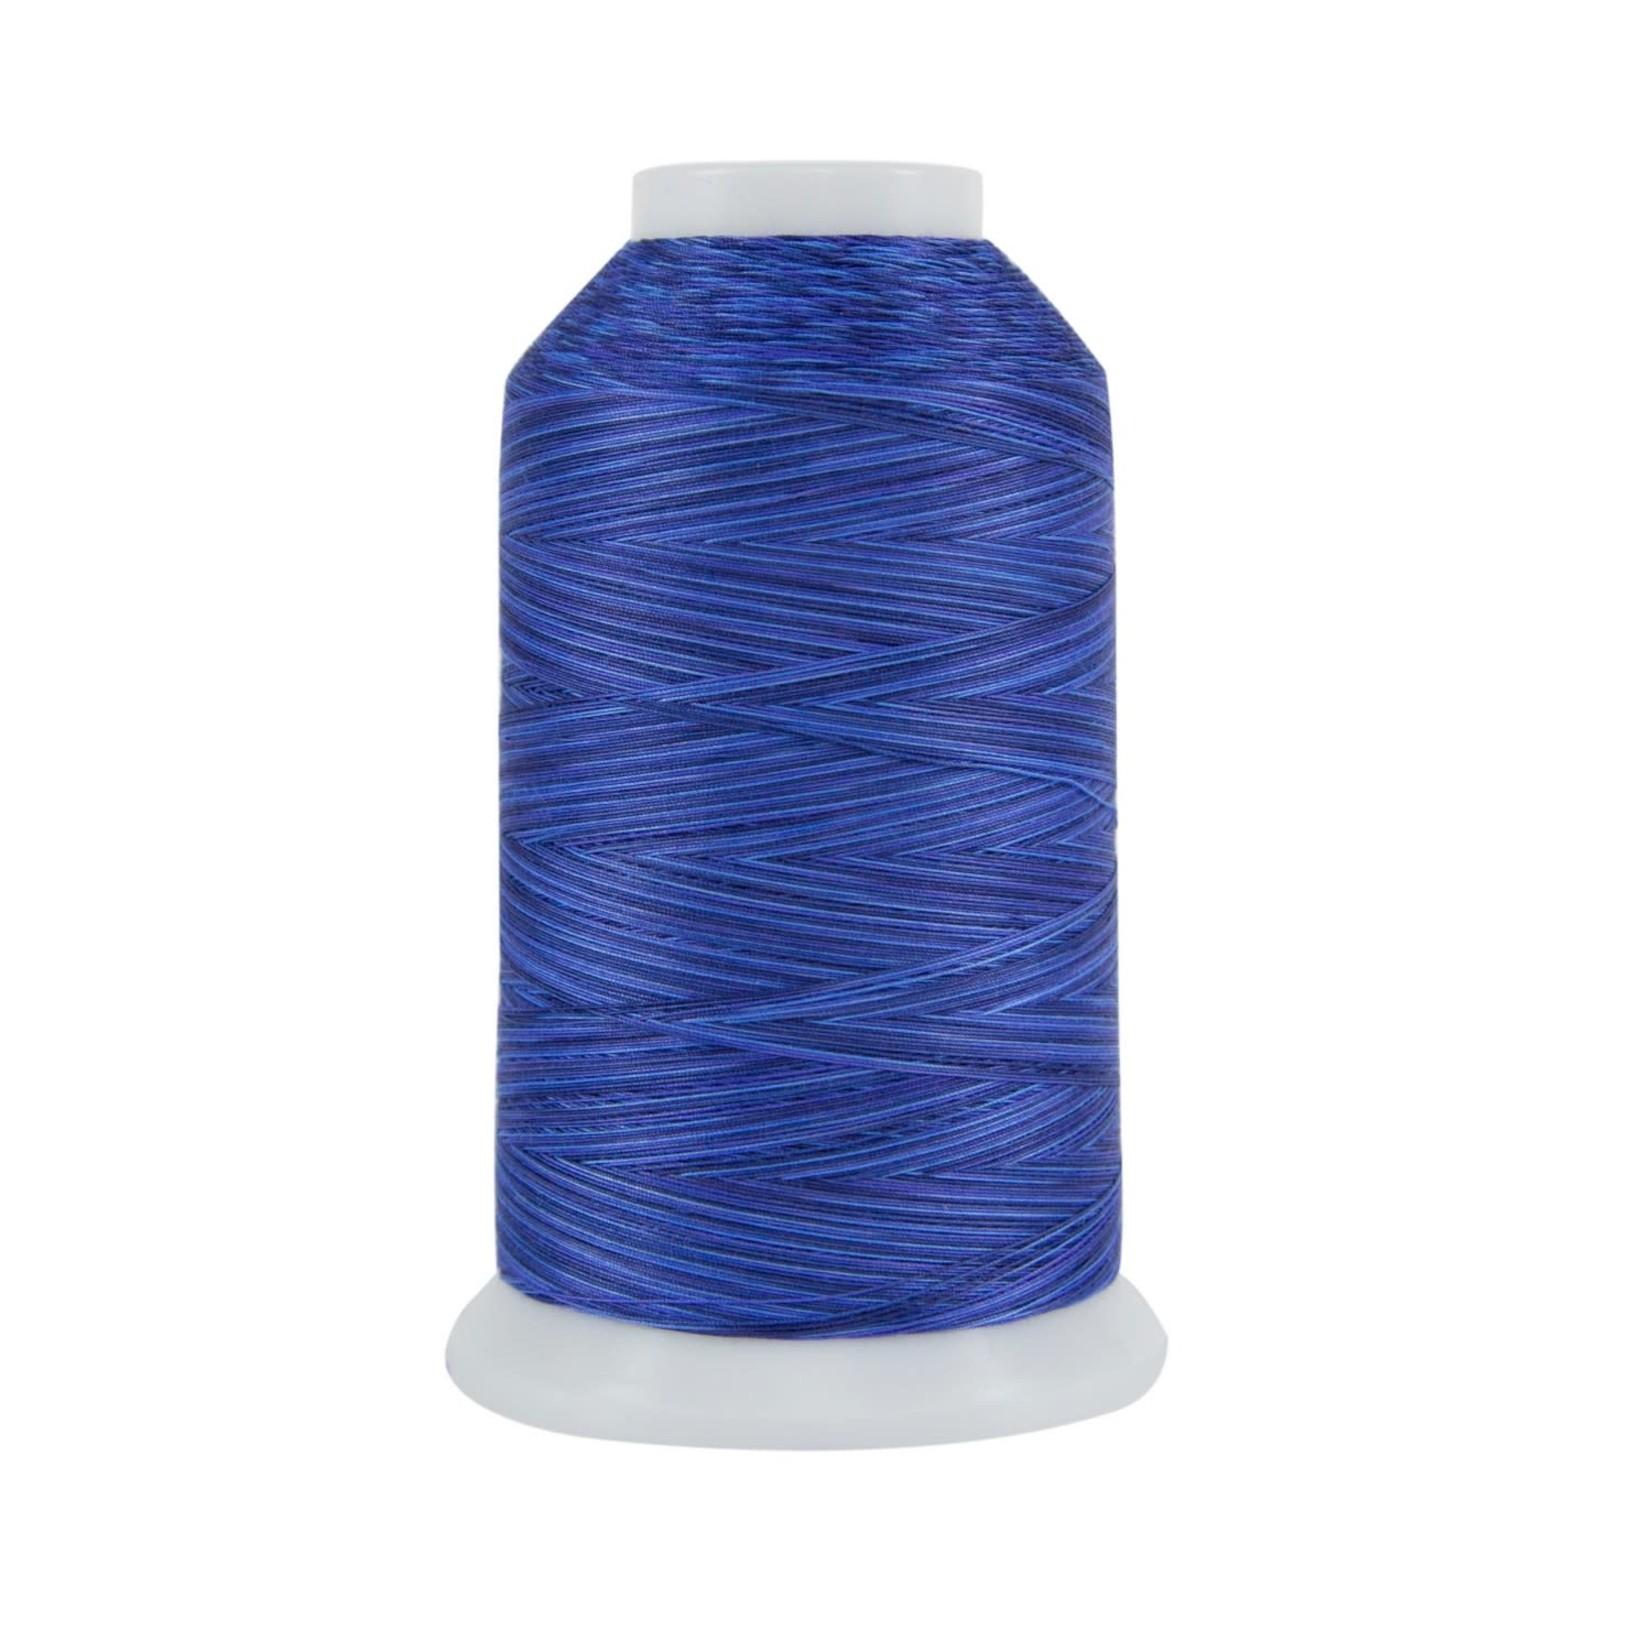 Superior Threads King Tut - #40 - 1828 m - 0903 Lapis Lazuli